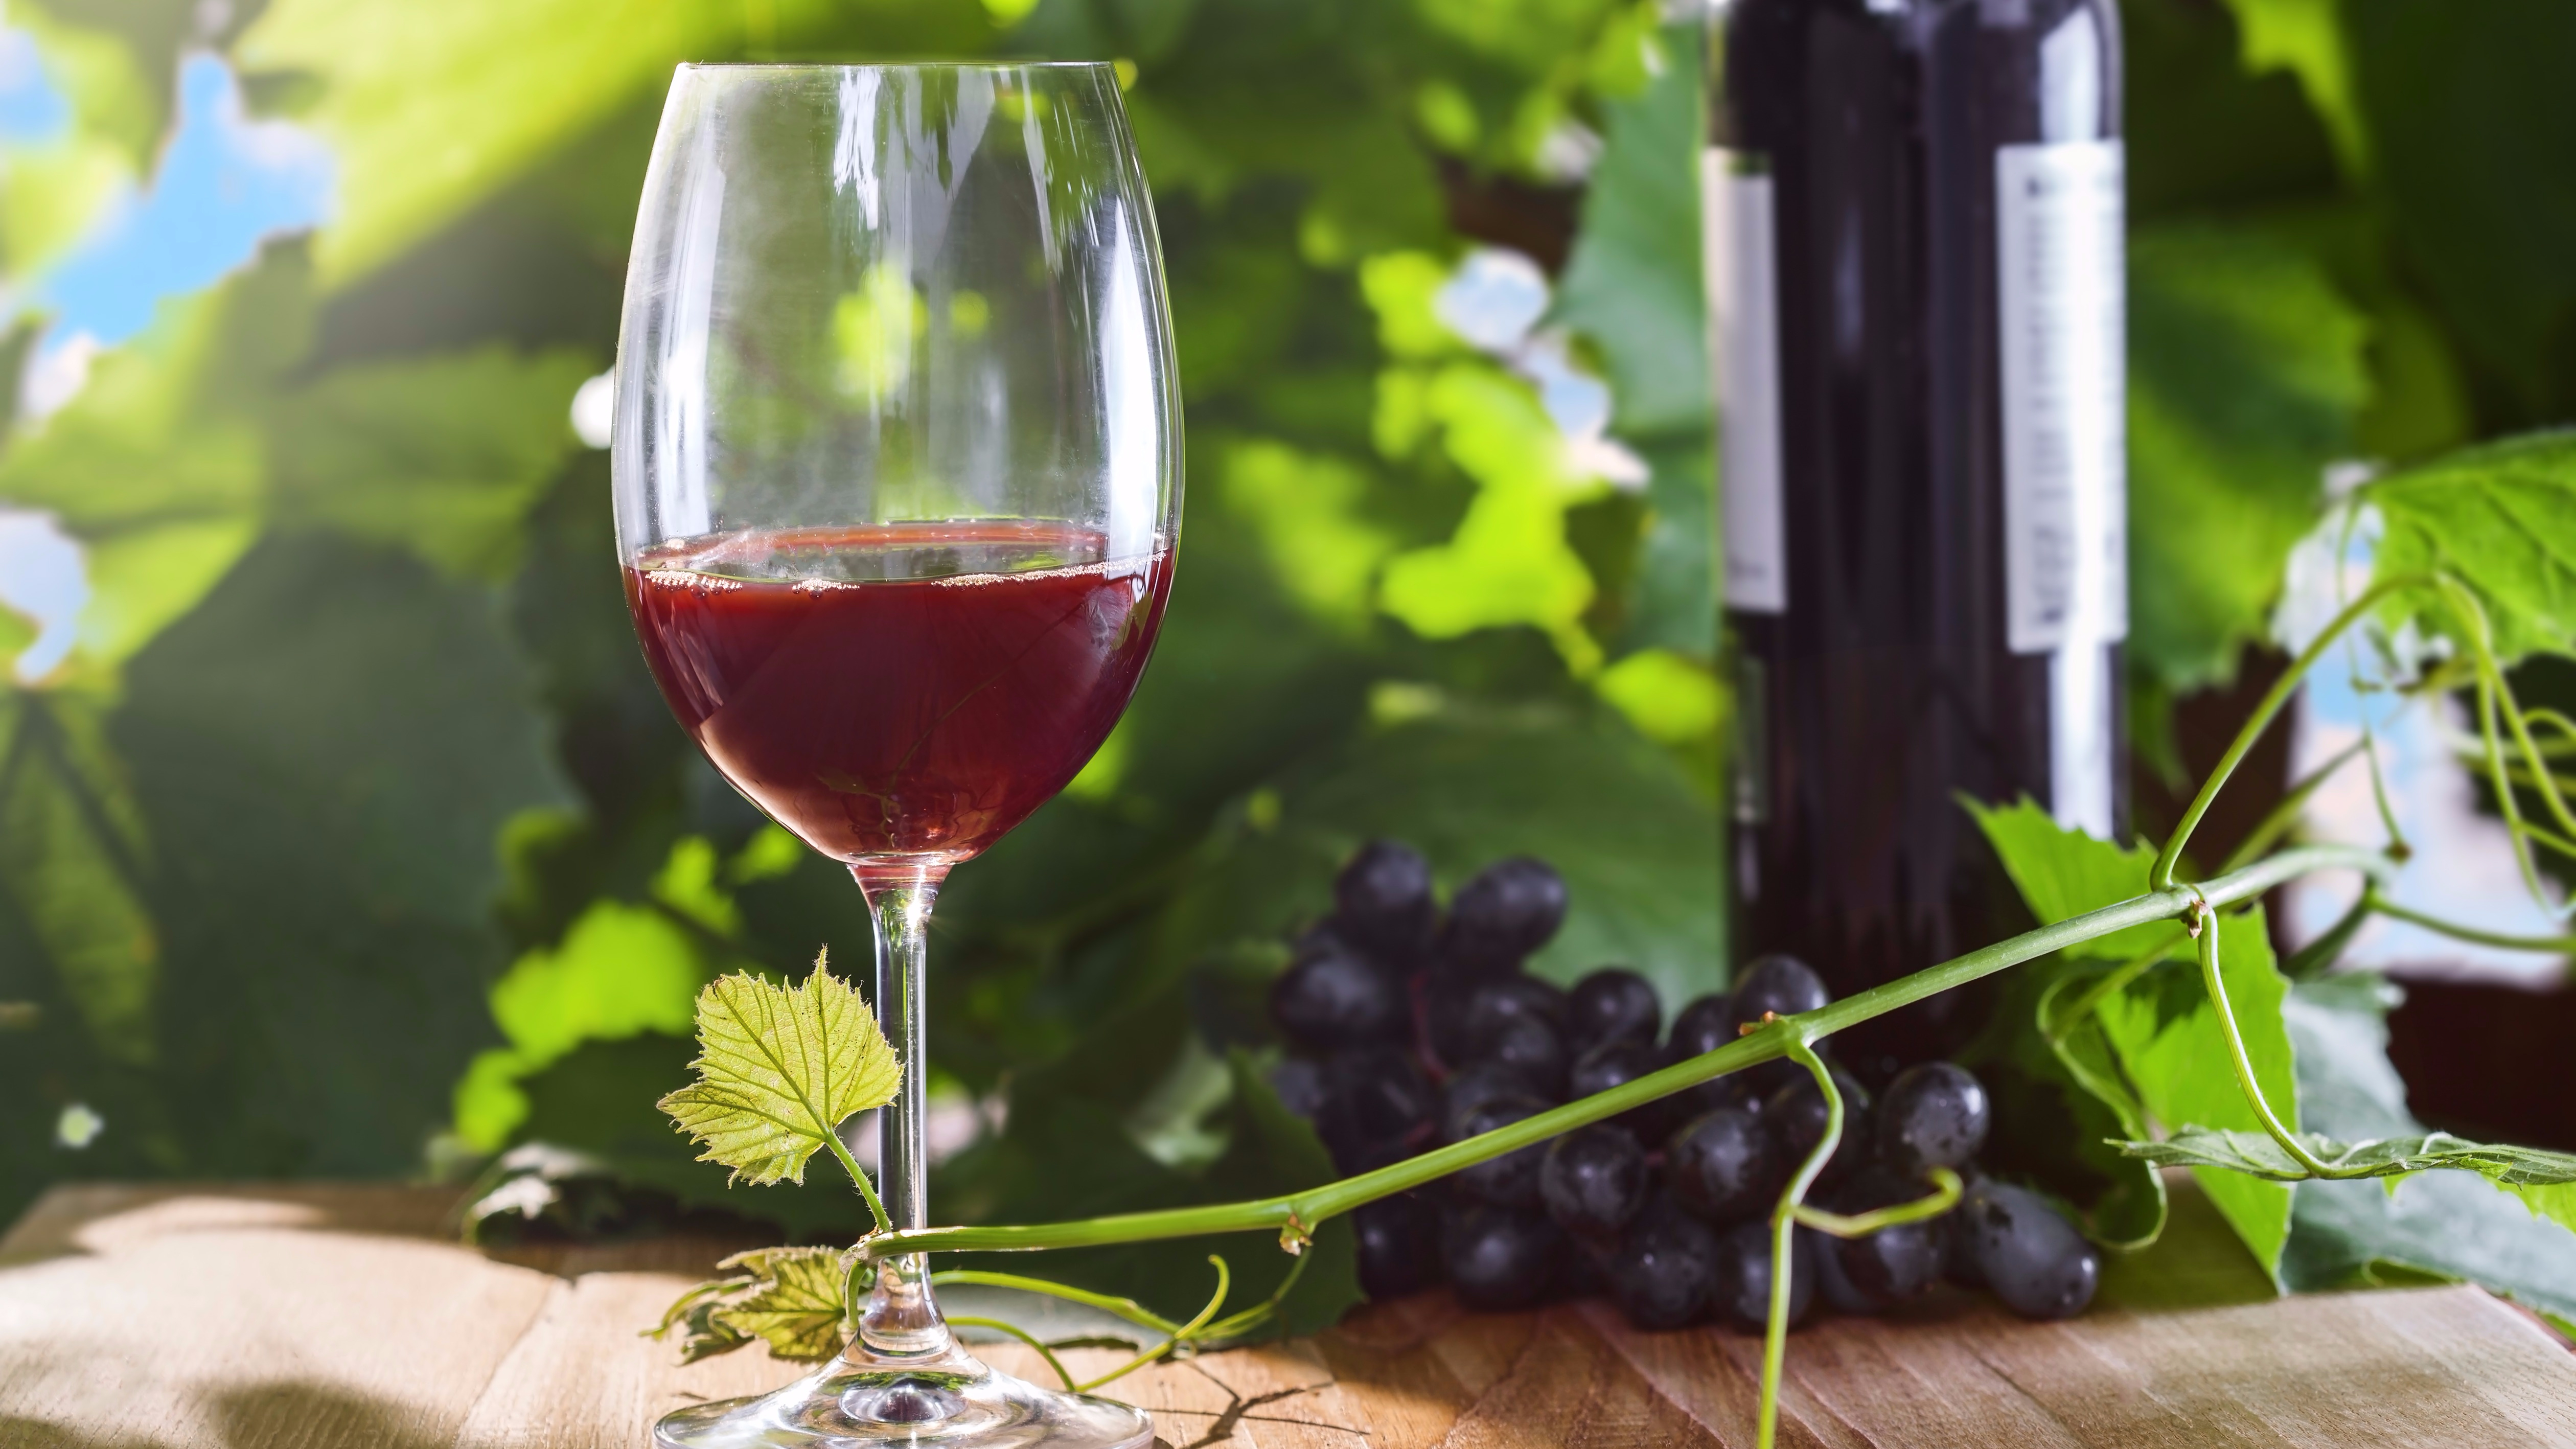 Los componentes químicos del vino favorecen al número de antioxidantes presentes en nuestro cuerpo, permitiendo también el mantenimiento de las células neuronales.